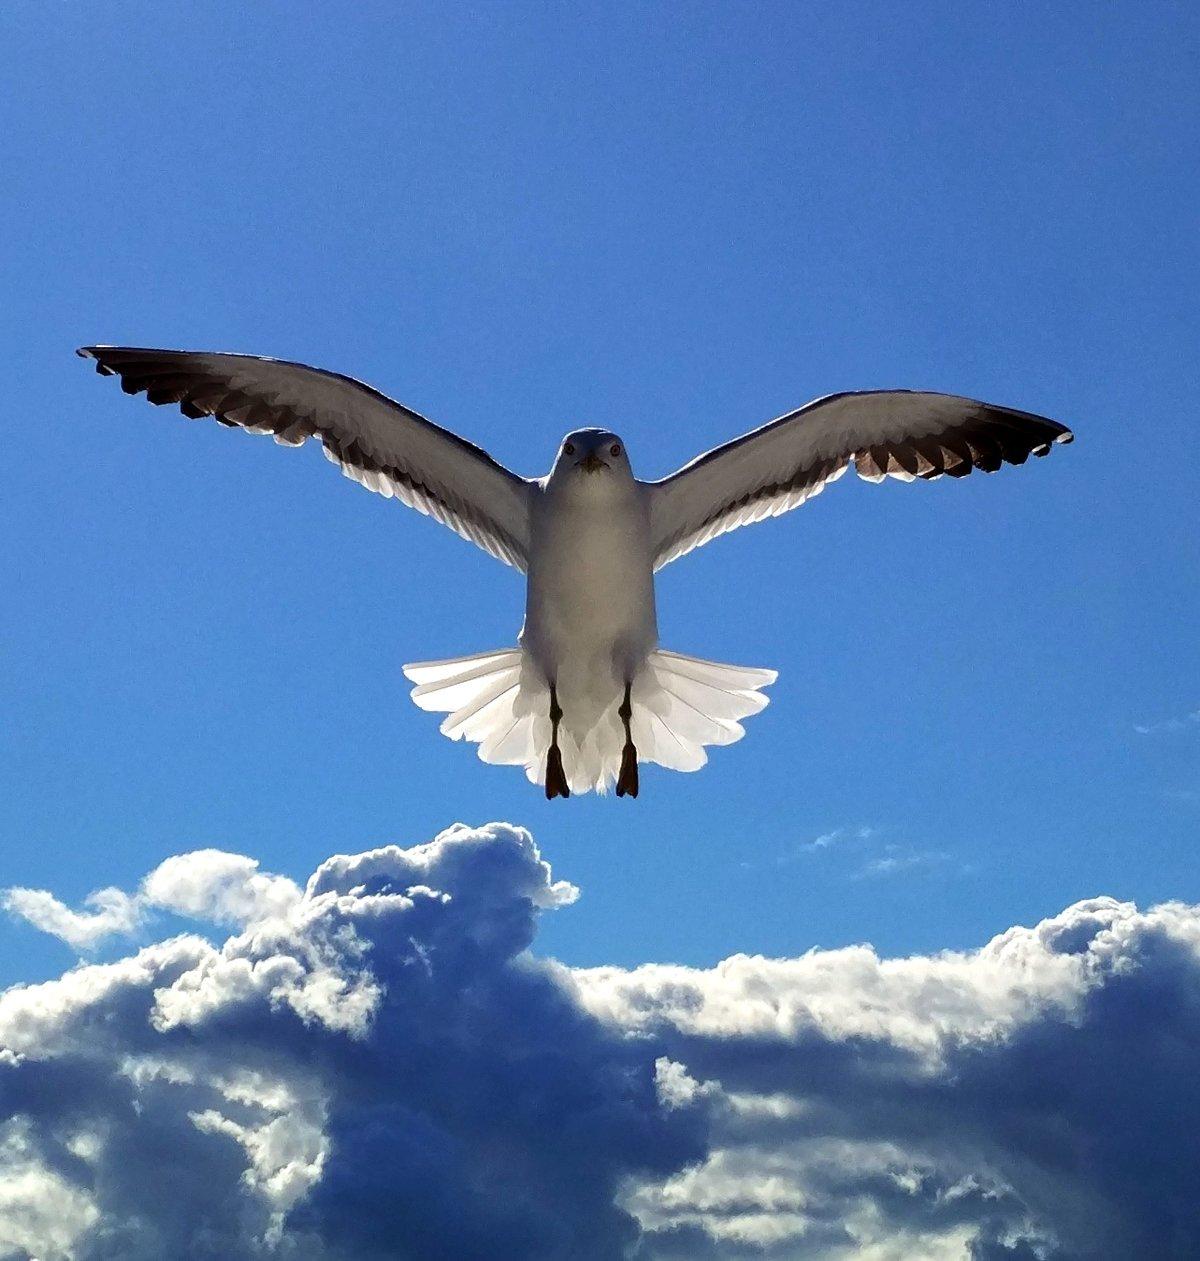 оздоровительный полет птиц картинки елки зовут, подарки